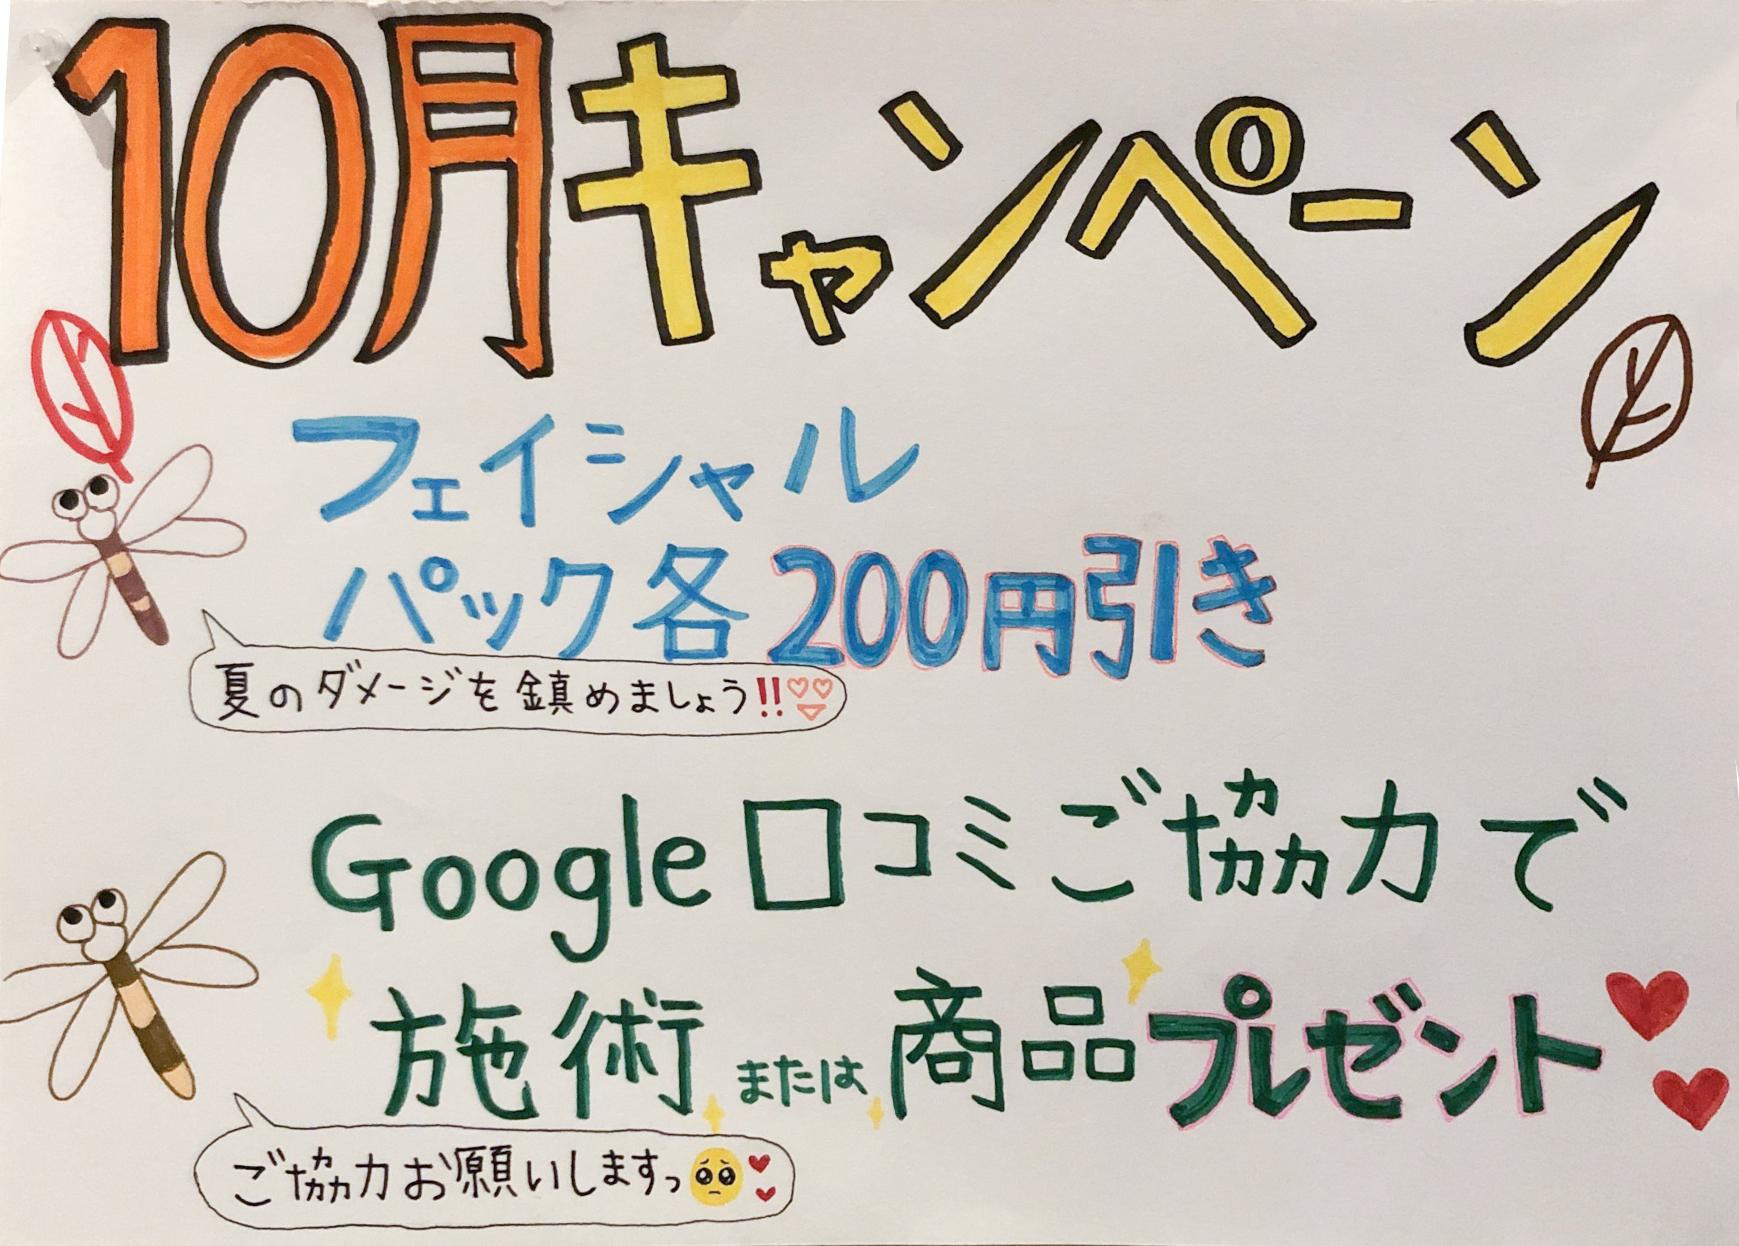 10月キャンペーン フェイシャルパック 200円引き メンズ脱毛・ヒゲ脱毛